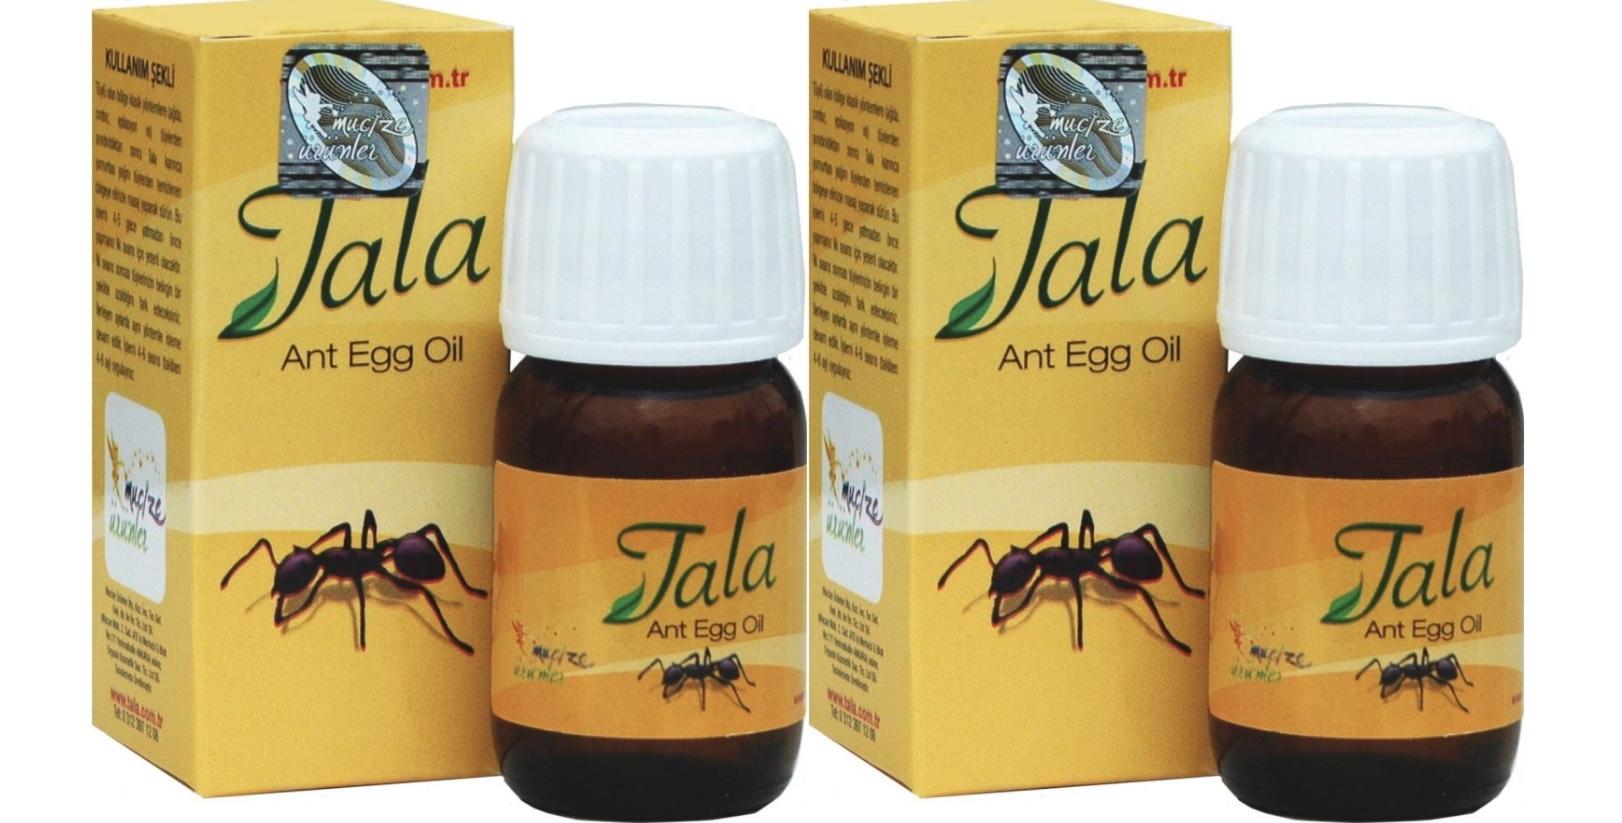 2 bottles ant egg oil